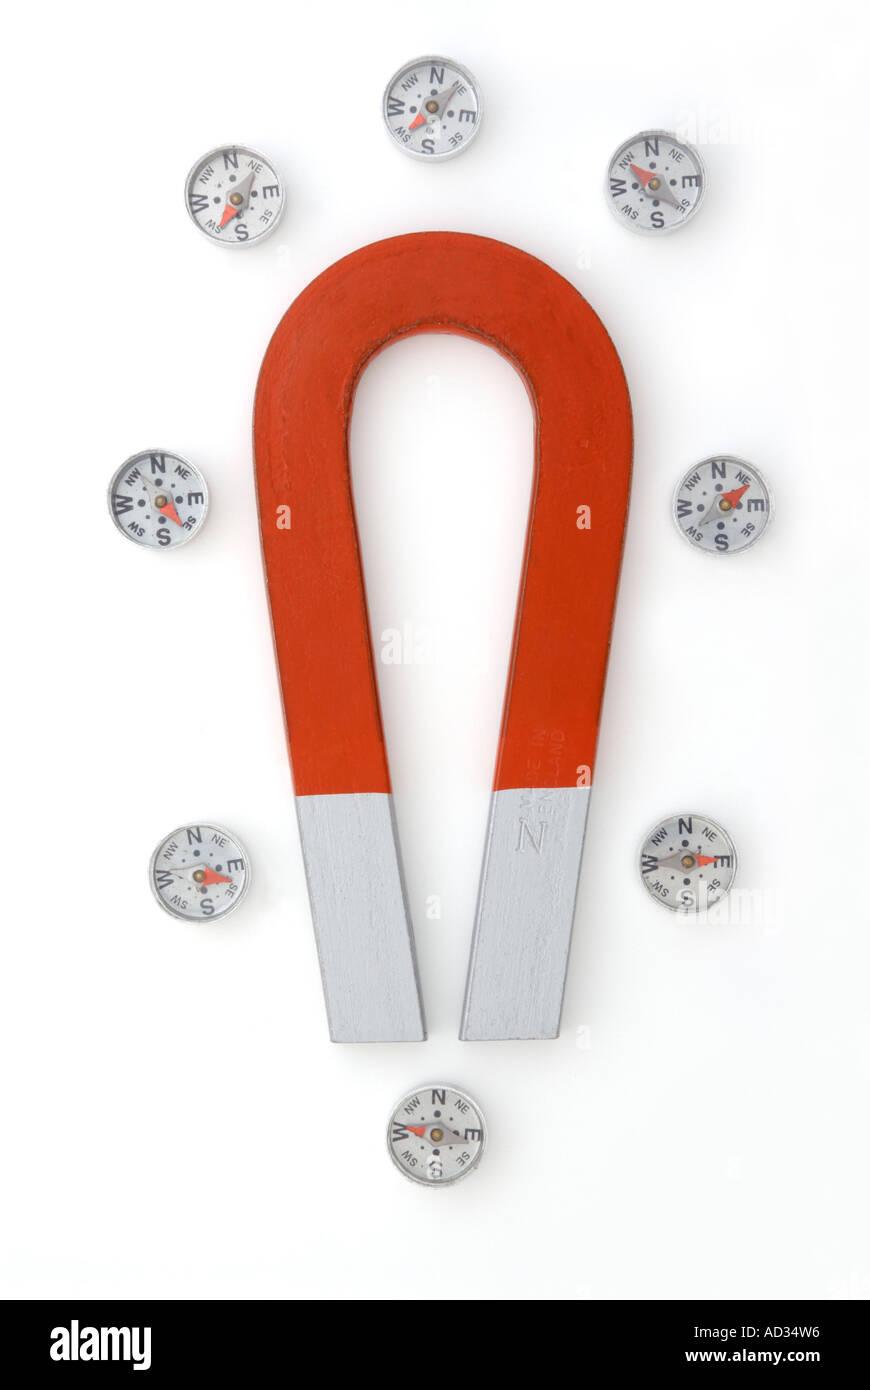 Aimant à deux pôles en forme de fer à cheval avec plusieurs boussoles montrant effet de champ magnétique Photo Stock